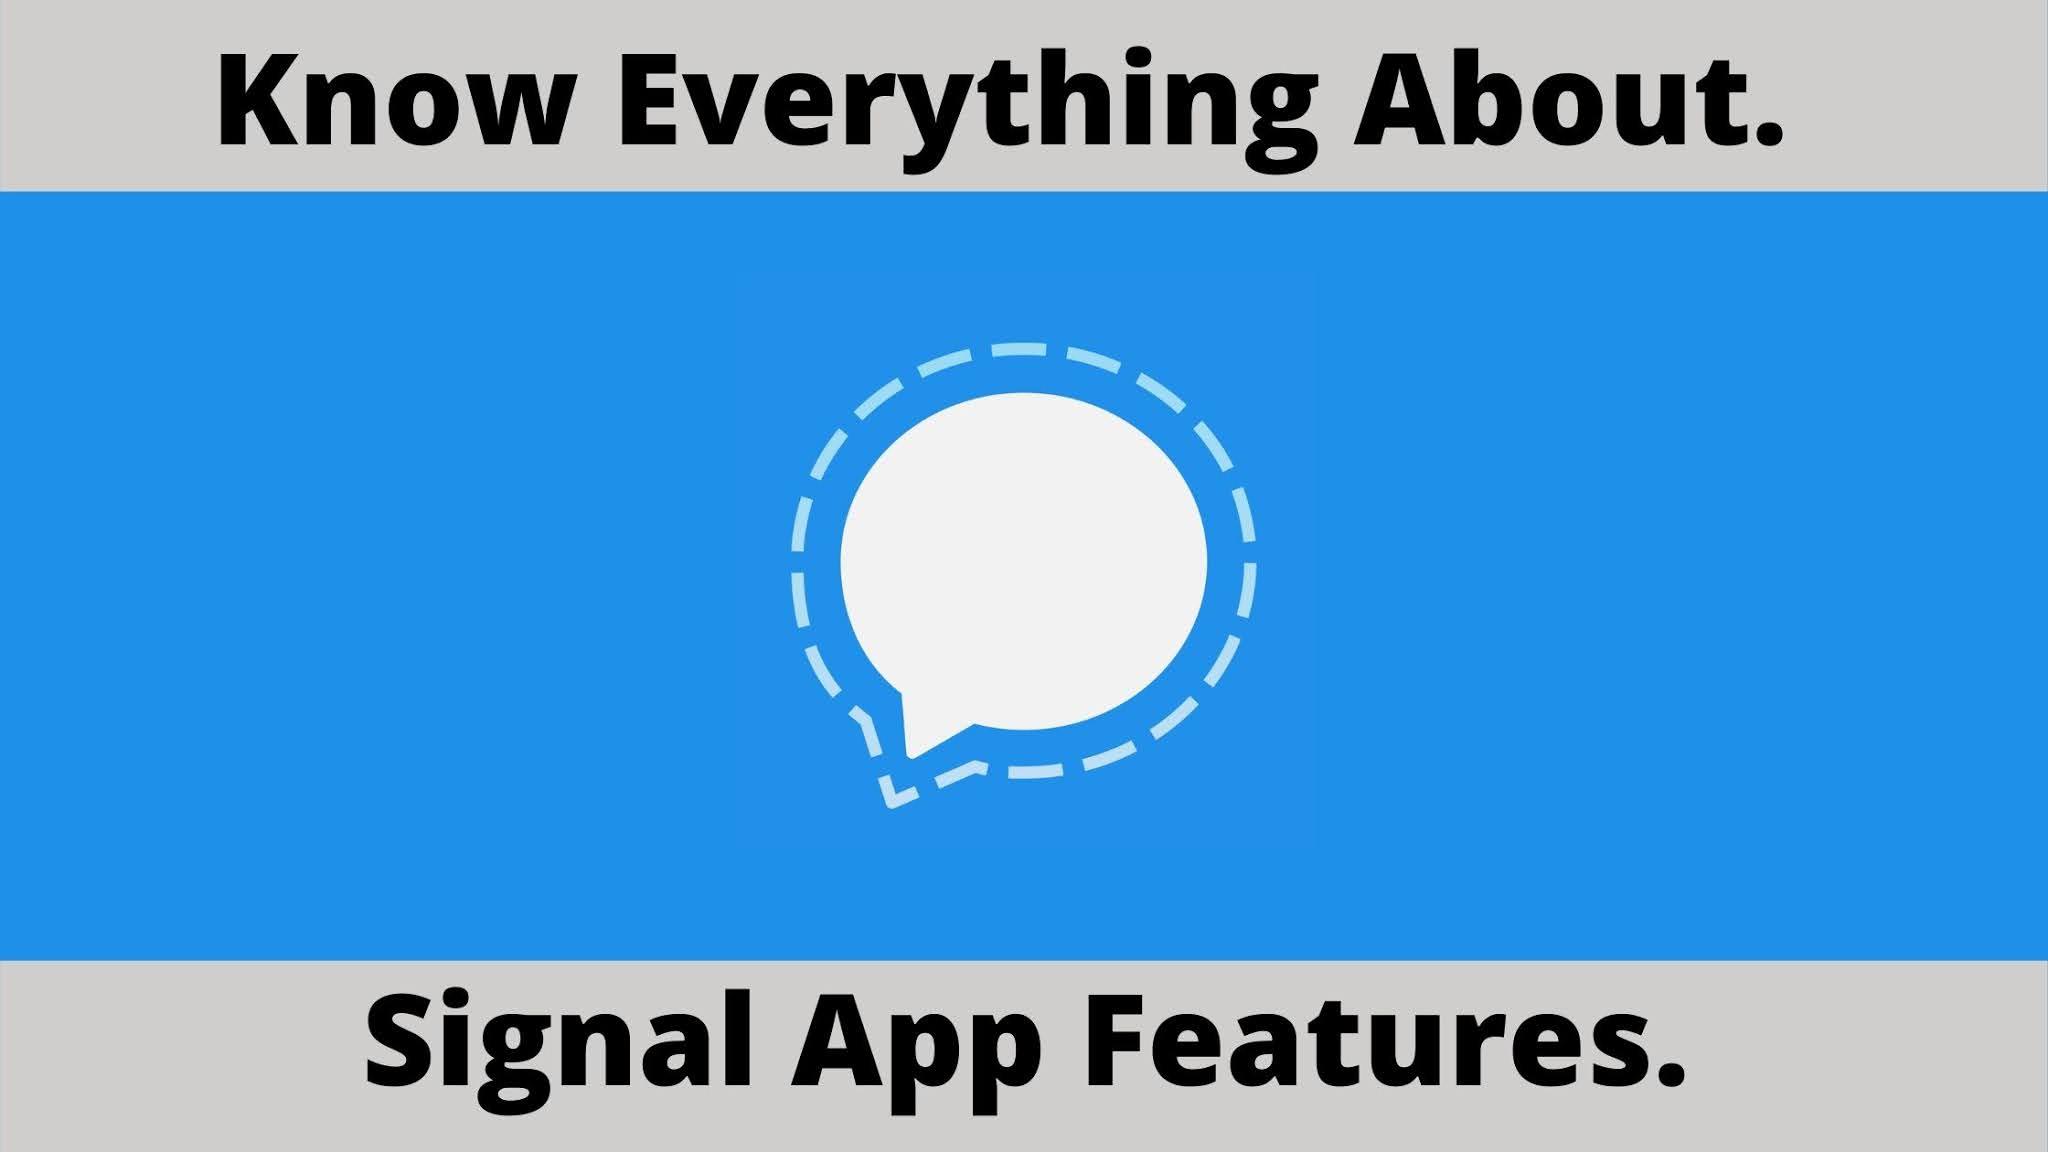 signal app kya hai?, which is better whatsapp or signal app, whatsapp vs signal app